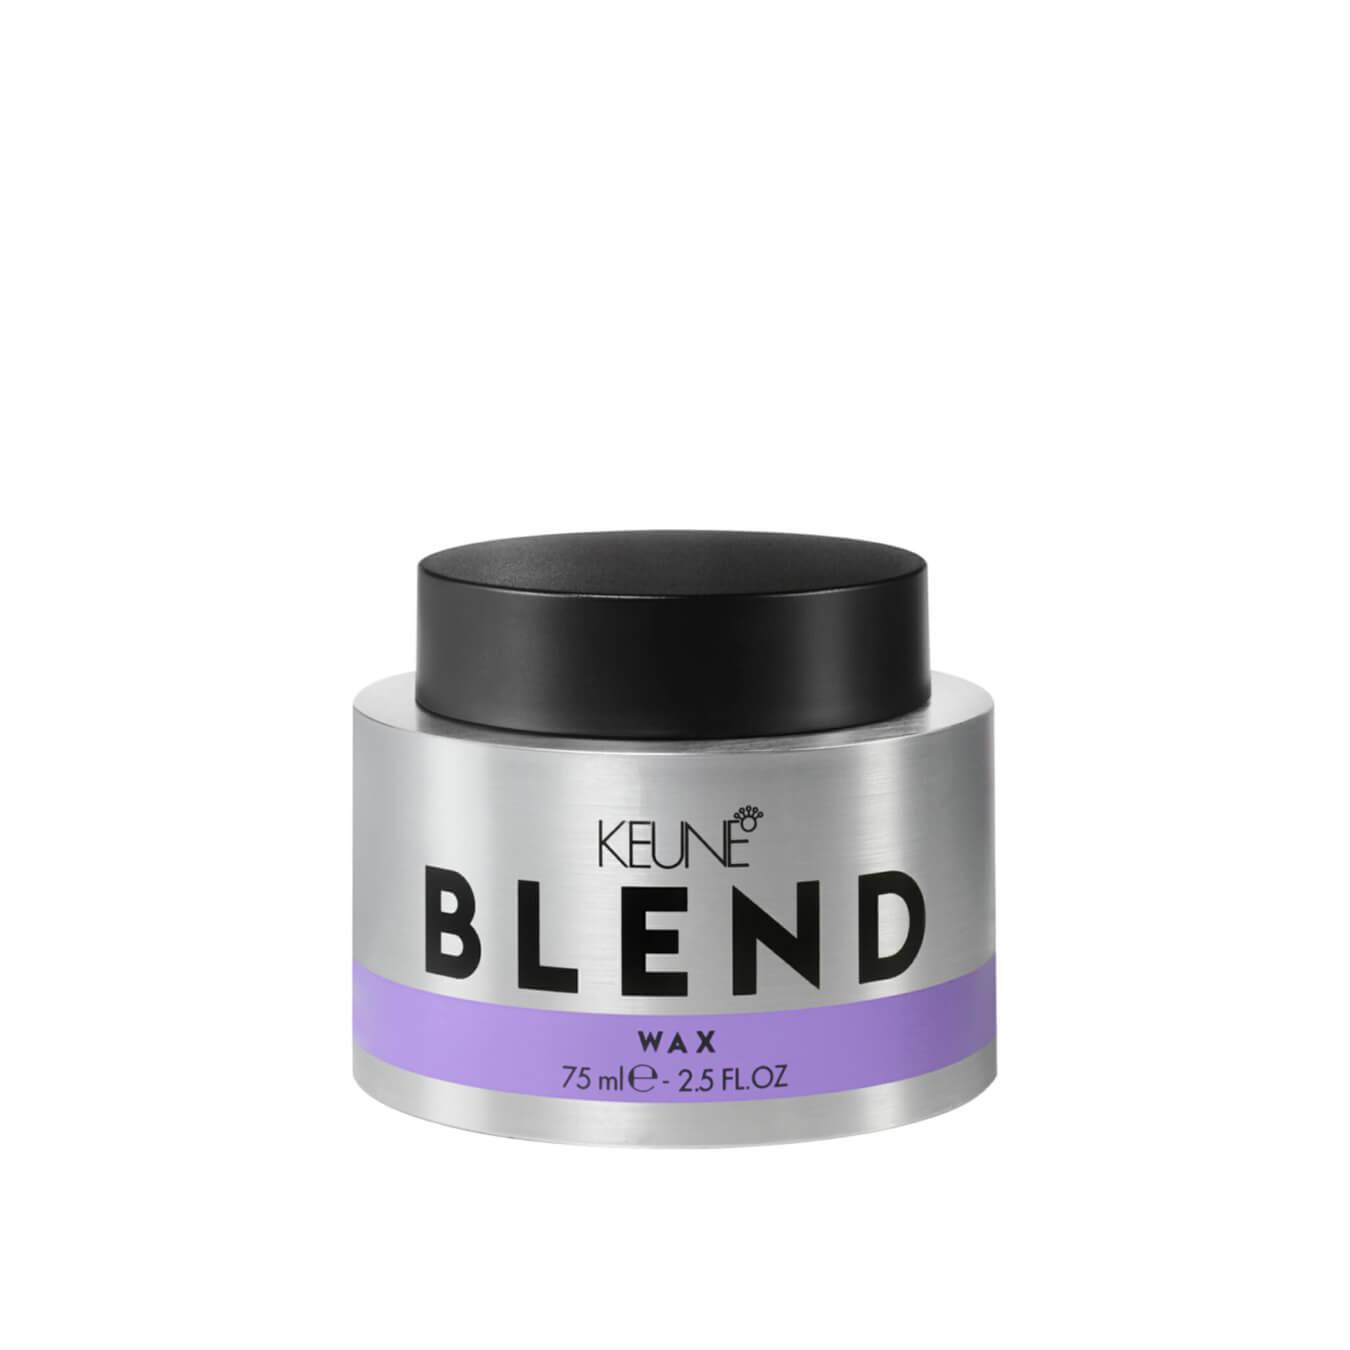 Koop Keune Blend Wax 75ml